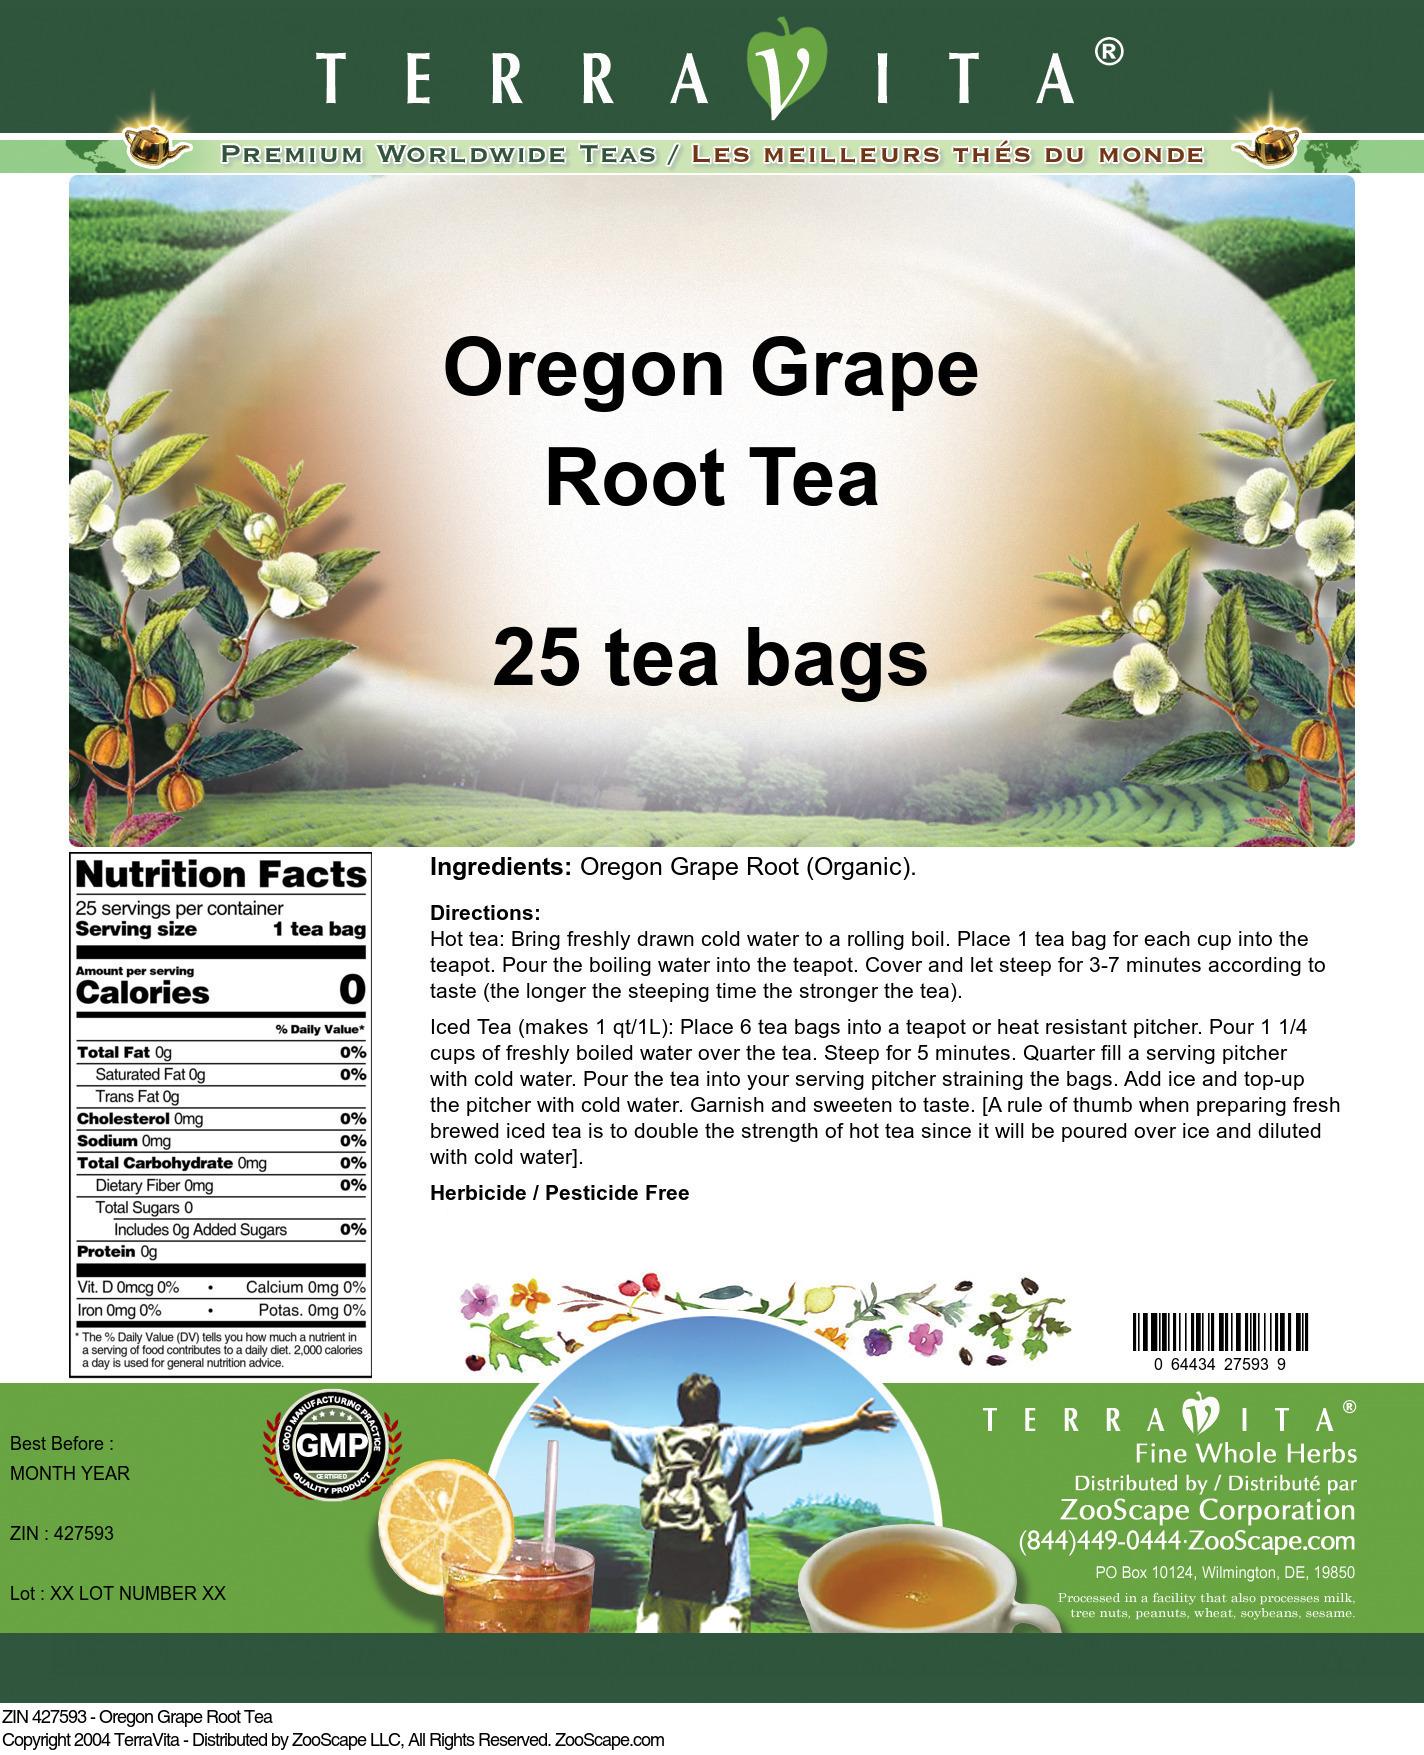 Oregon Grape Root Tea